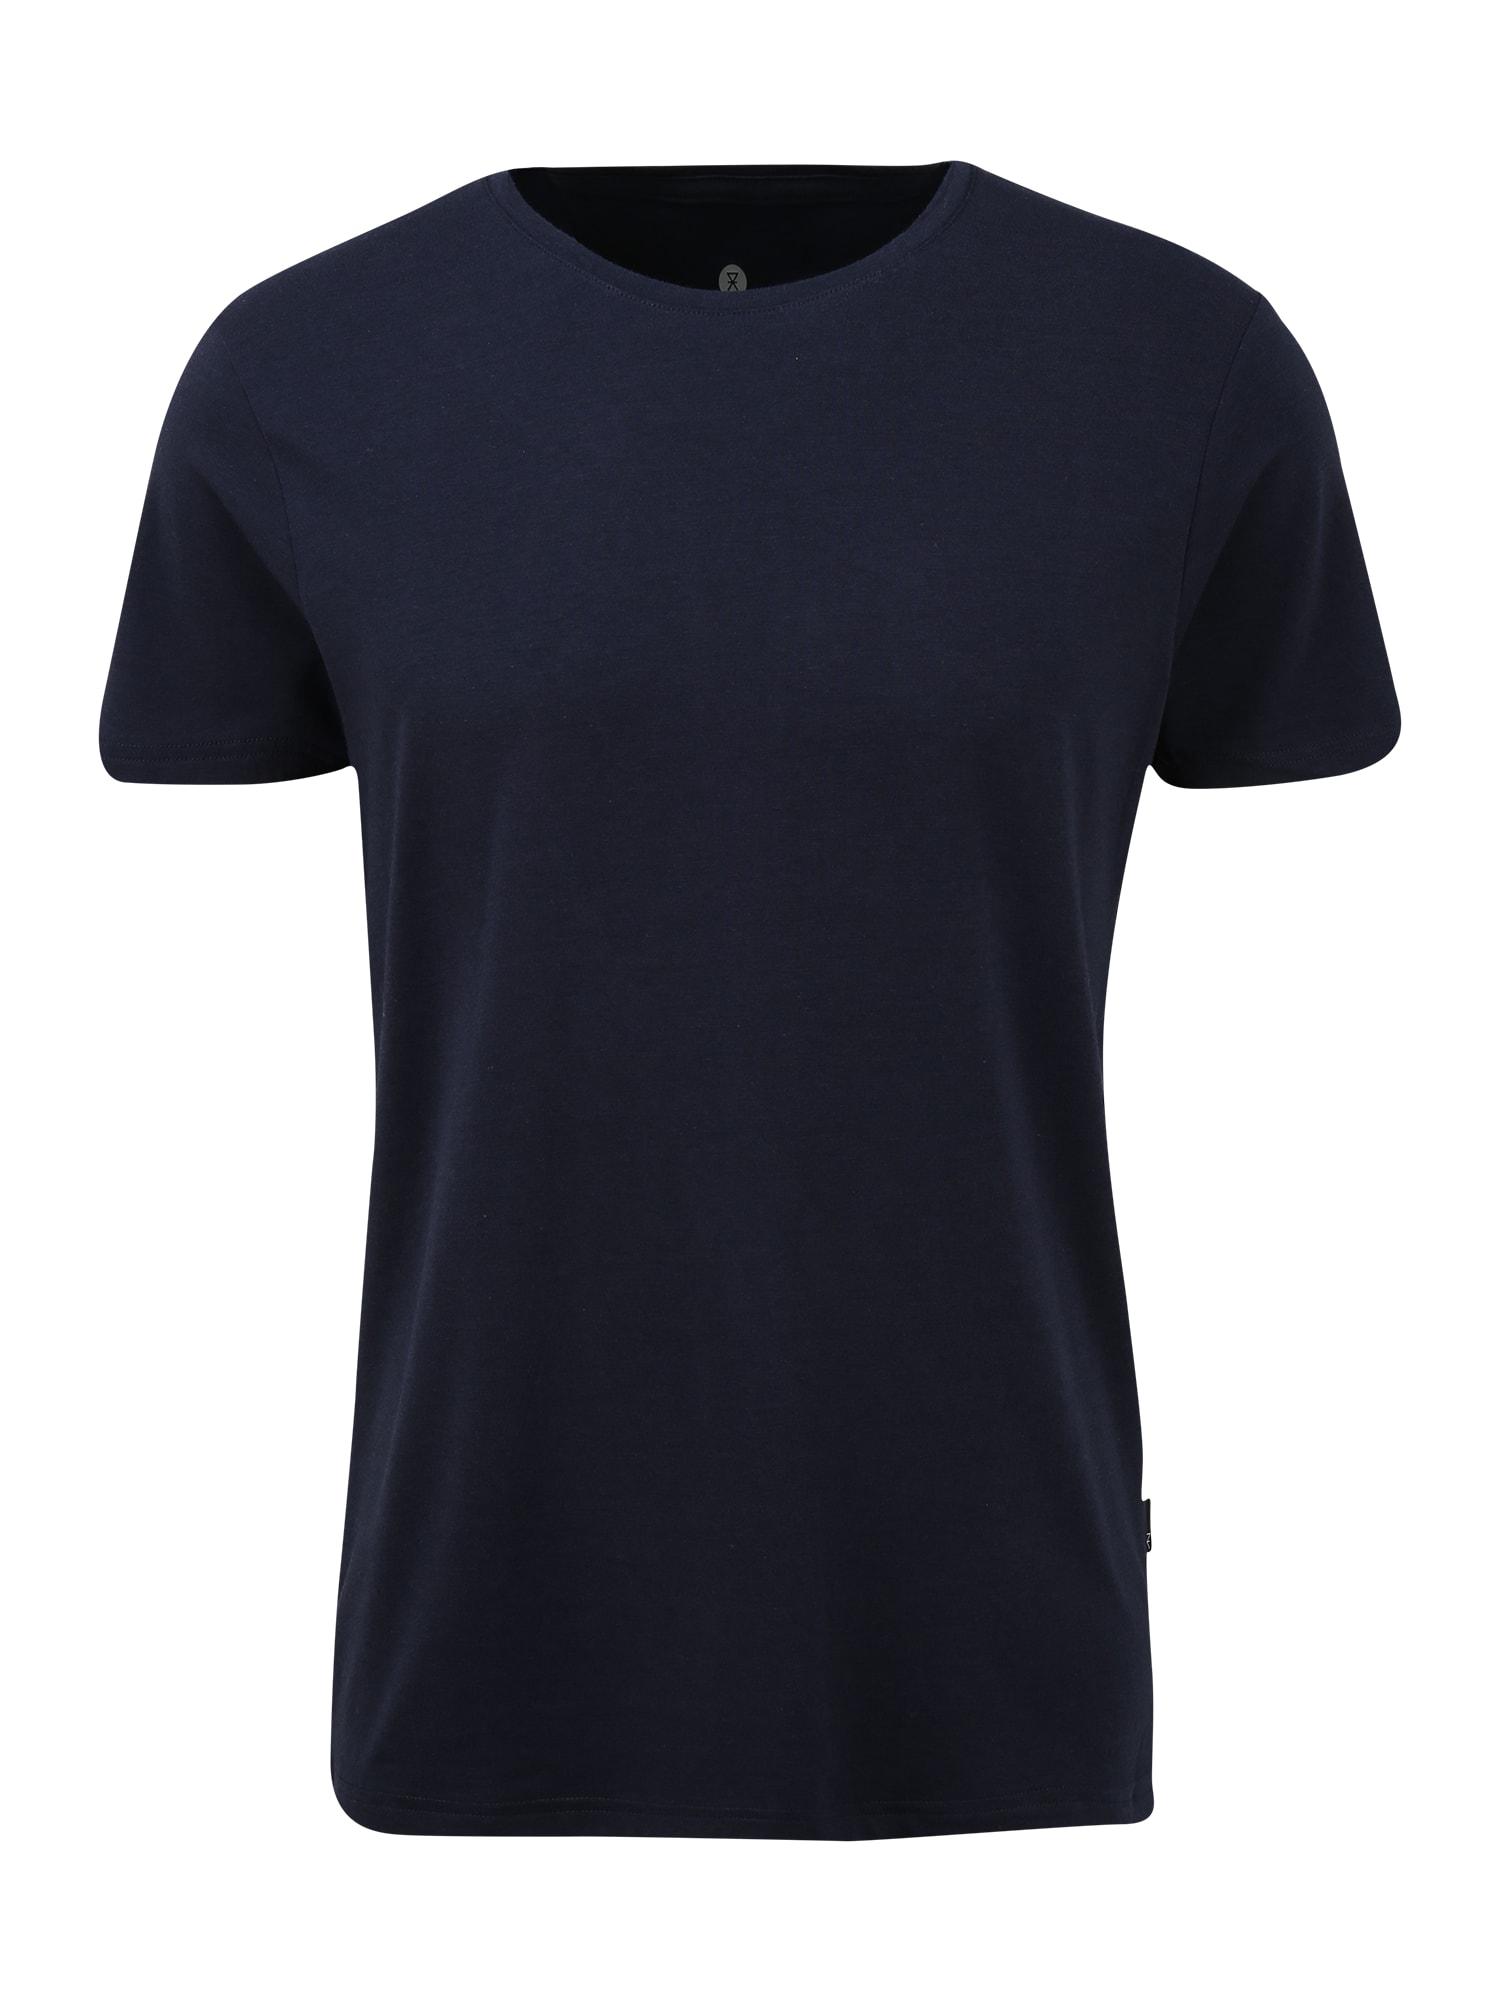 JBS OF DENMARK Marškinėliai tamsiai mėlyna